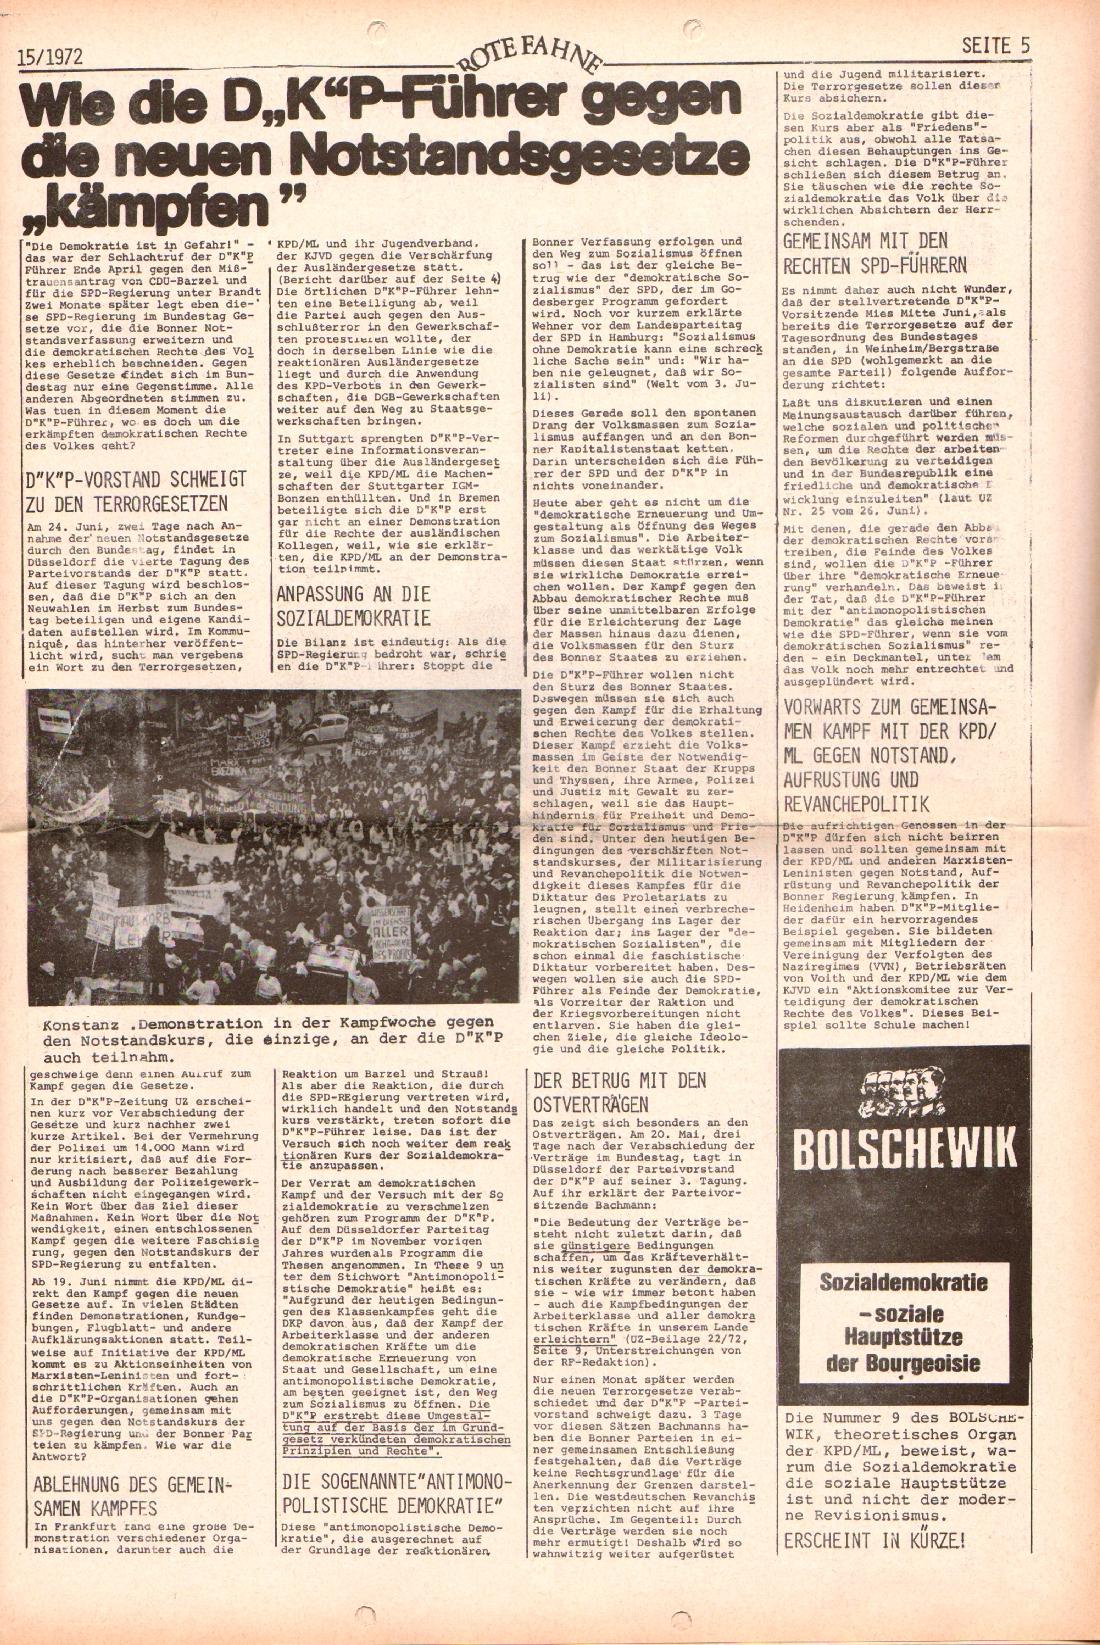 Rote Fahne, 3. Jg., 24.7.1972, Nr. 15, Seite 5